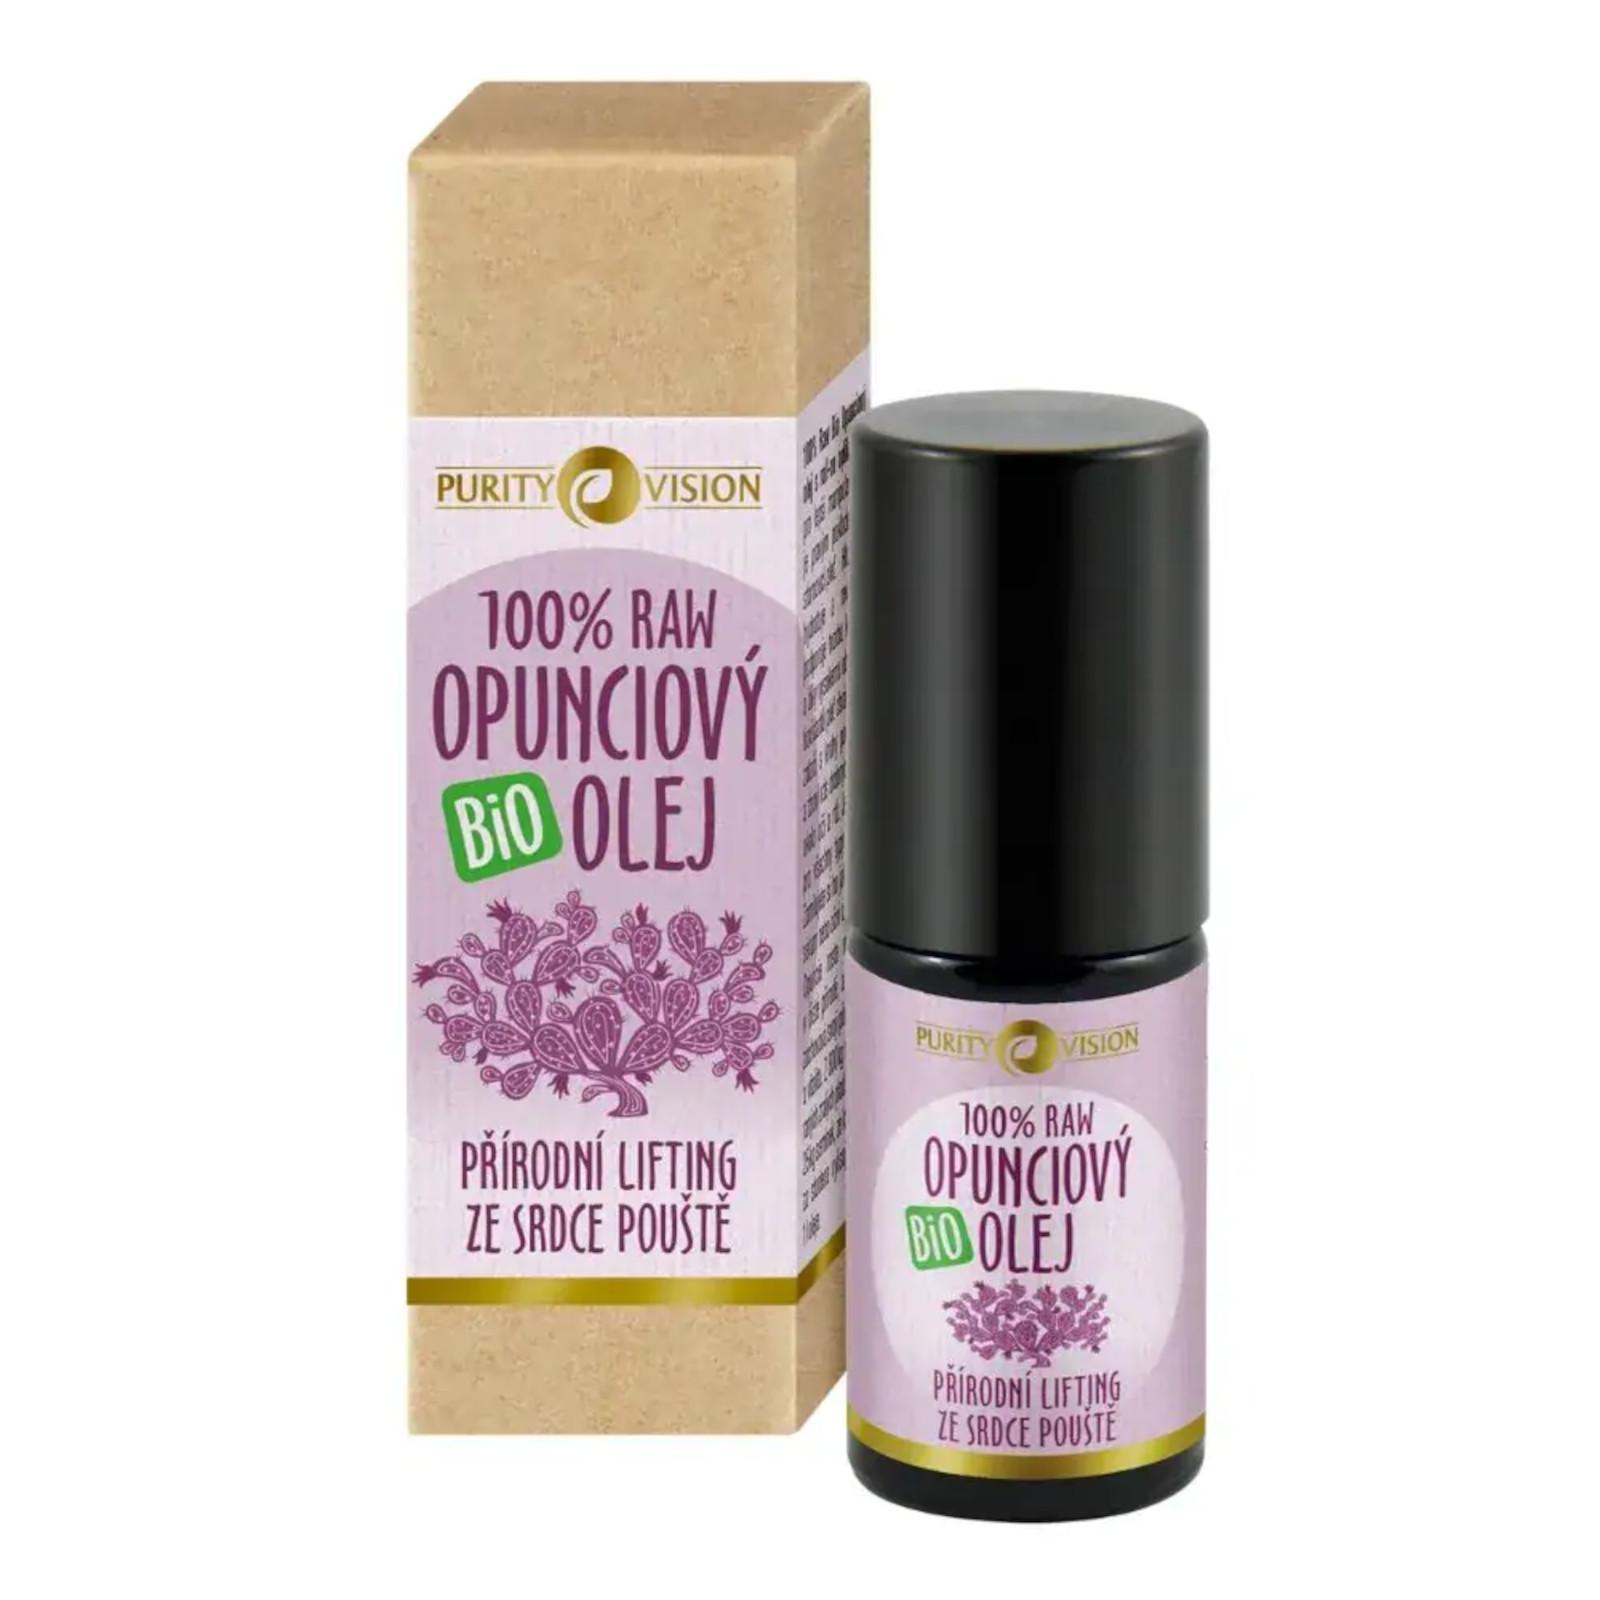 Purity Vision Raw opunciový olej 5 ml